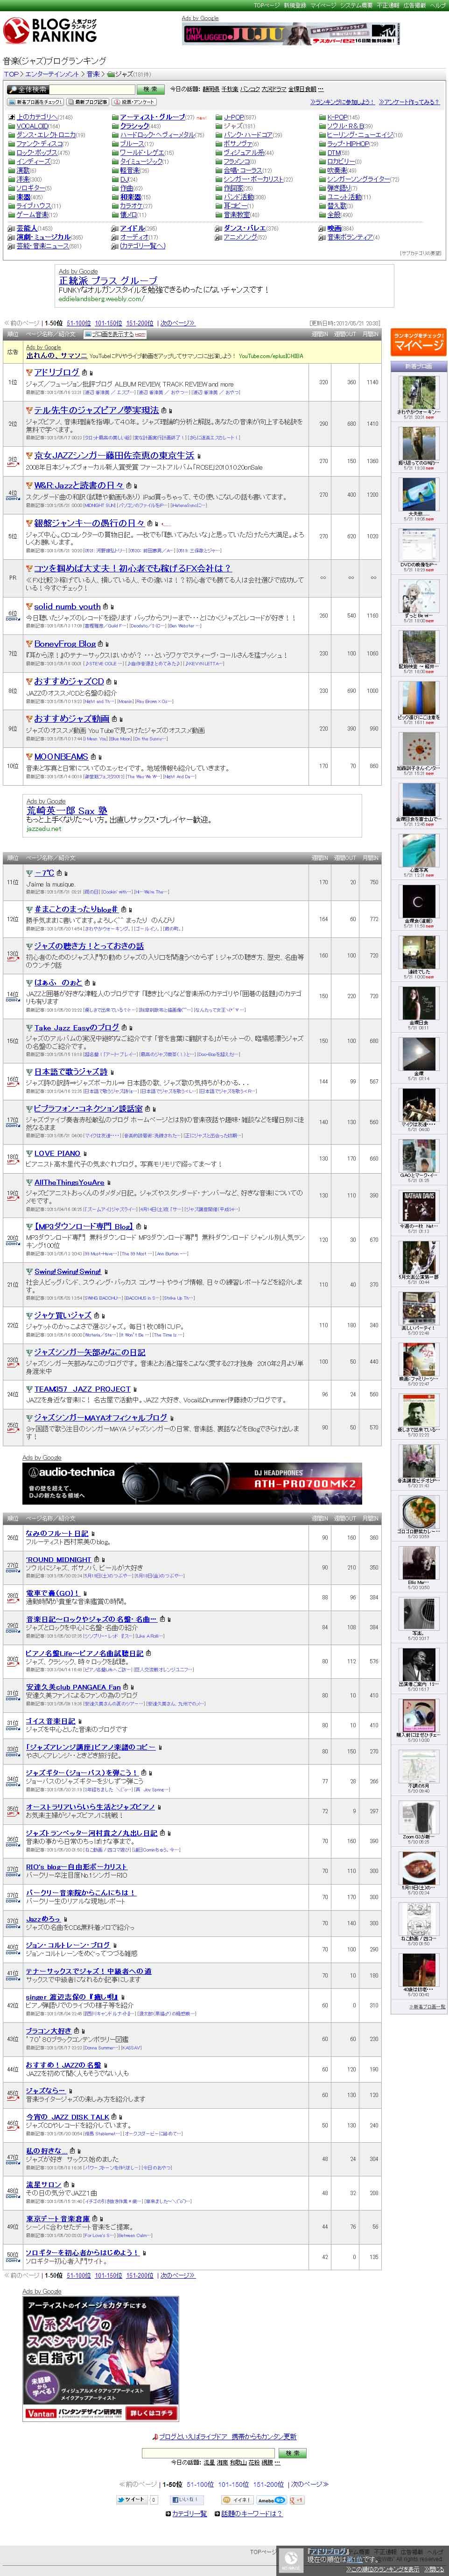 人気blog ランキング-2